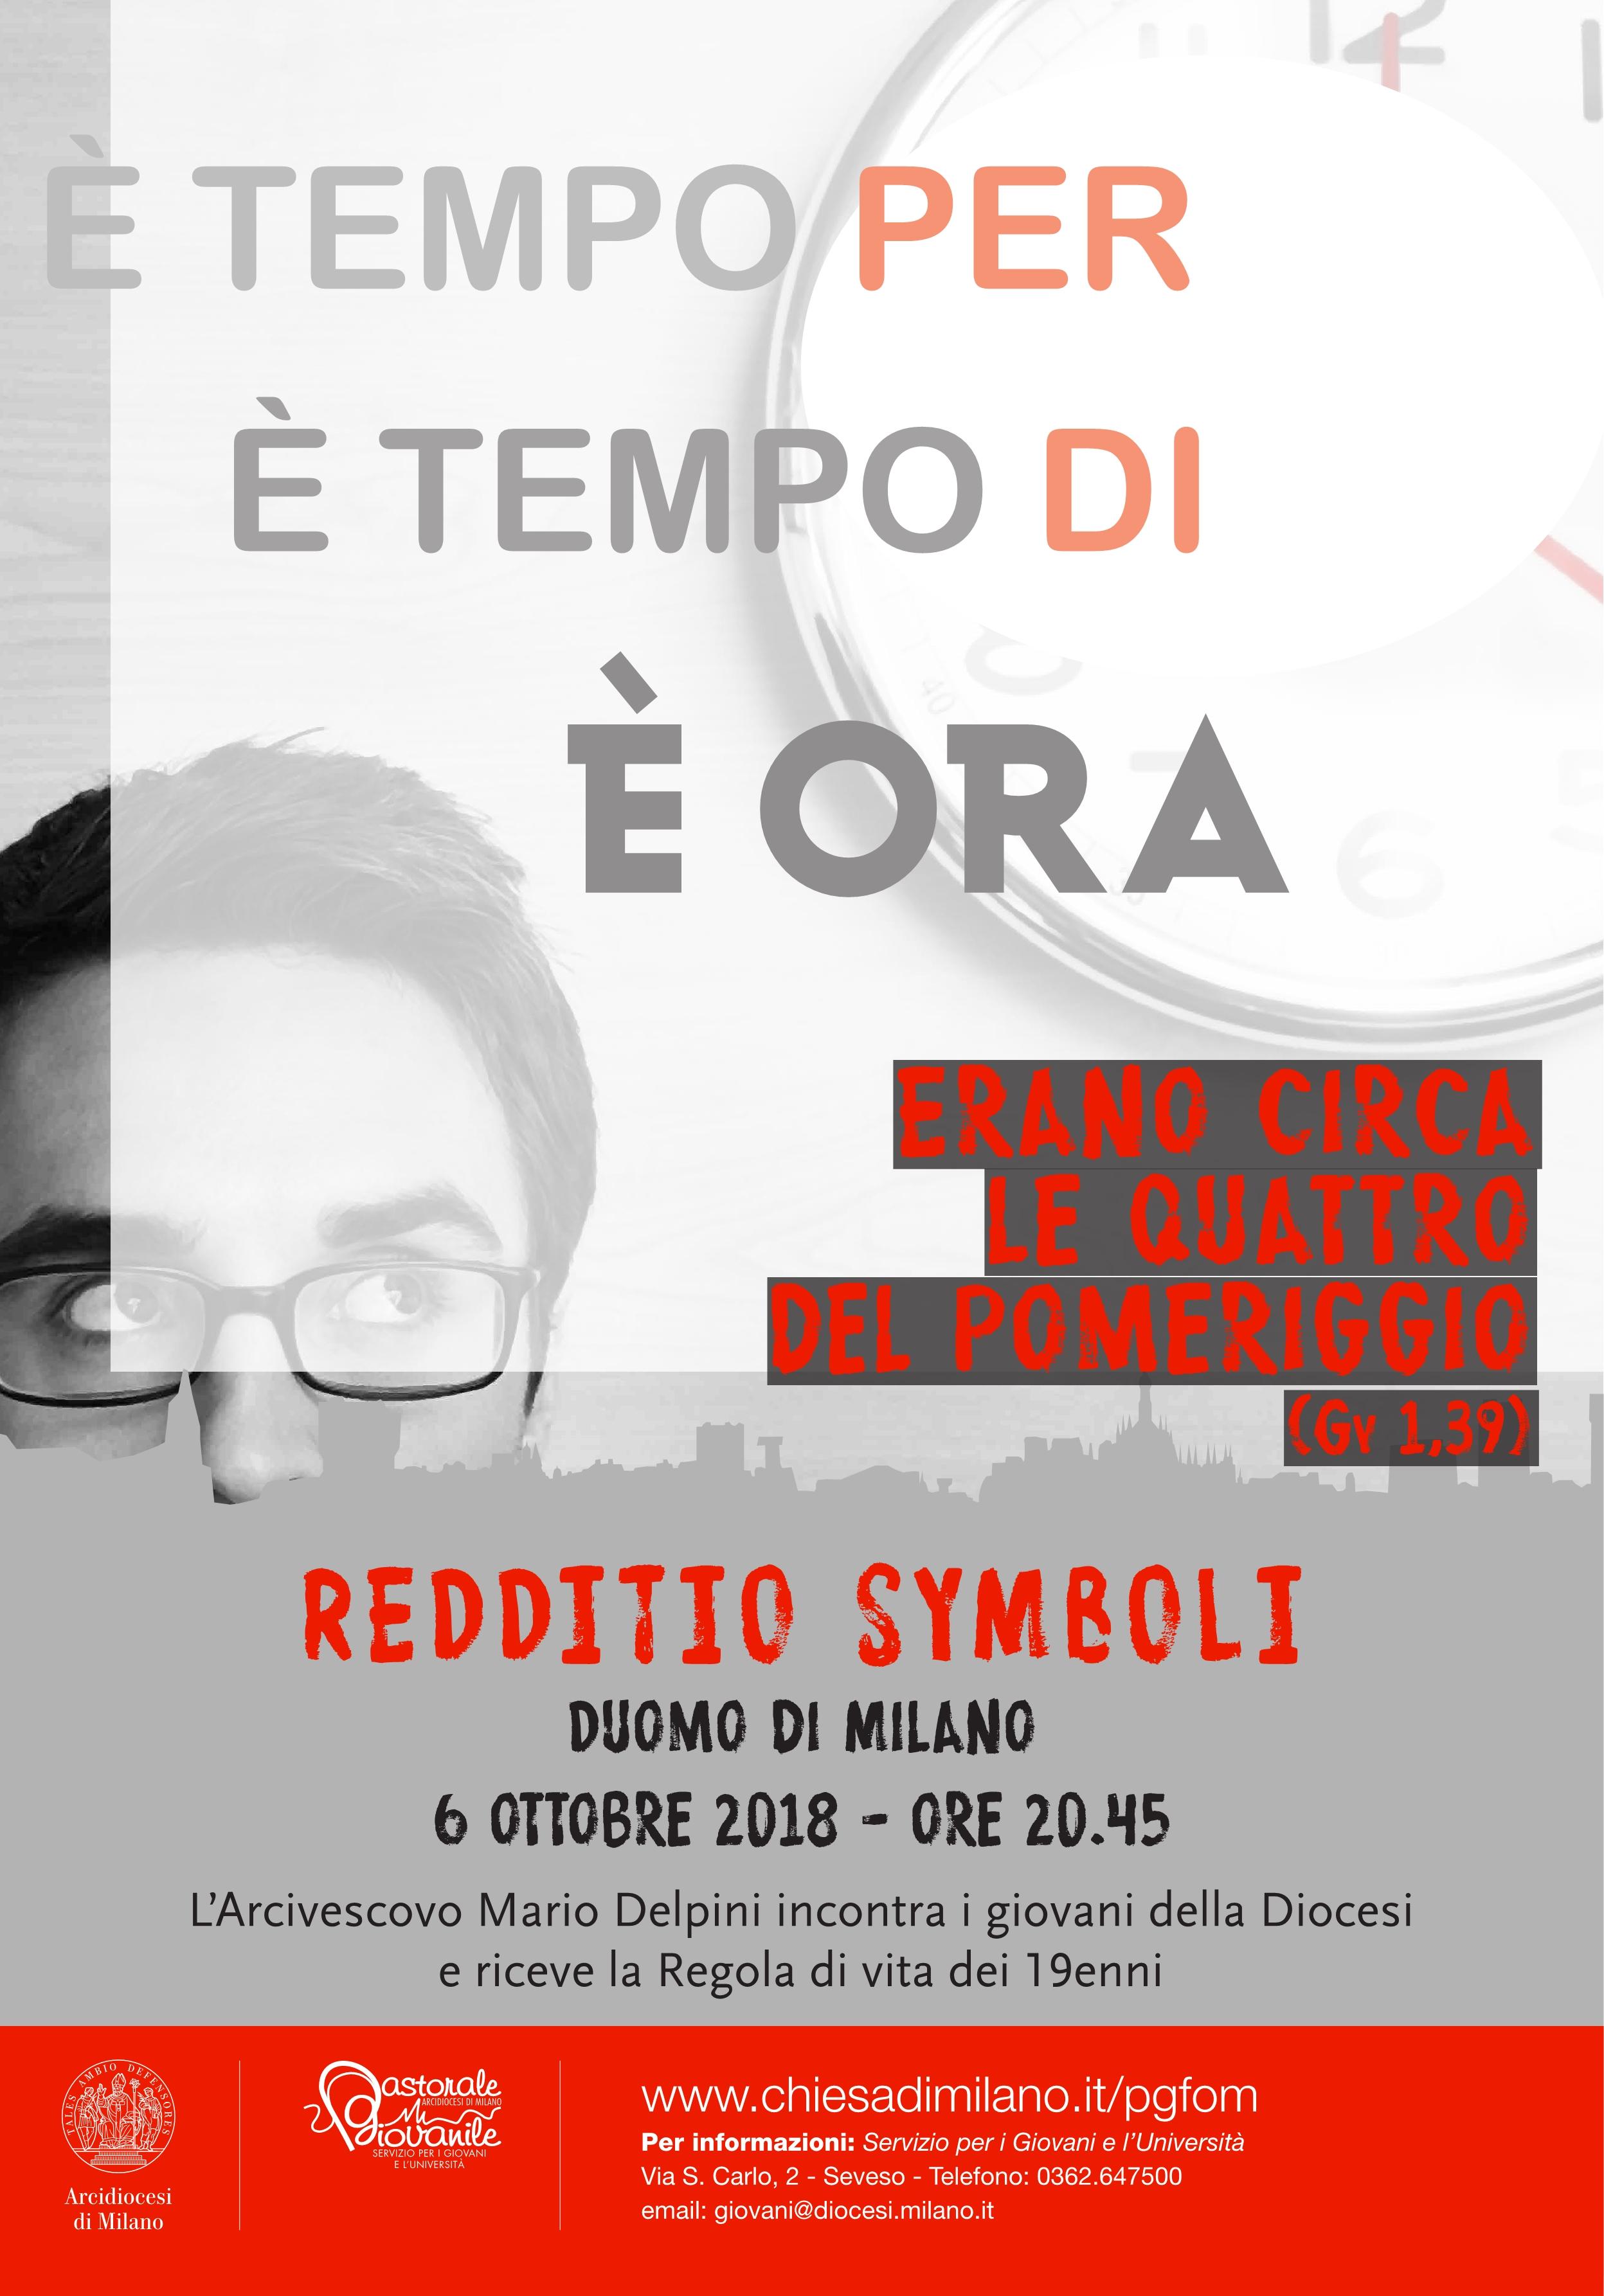 Manifesto-Redditio-Symboli-20181